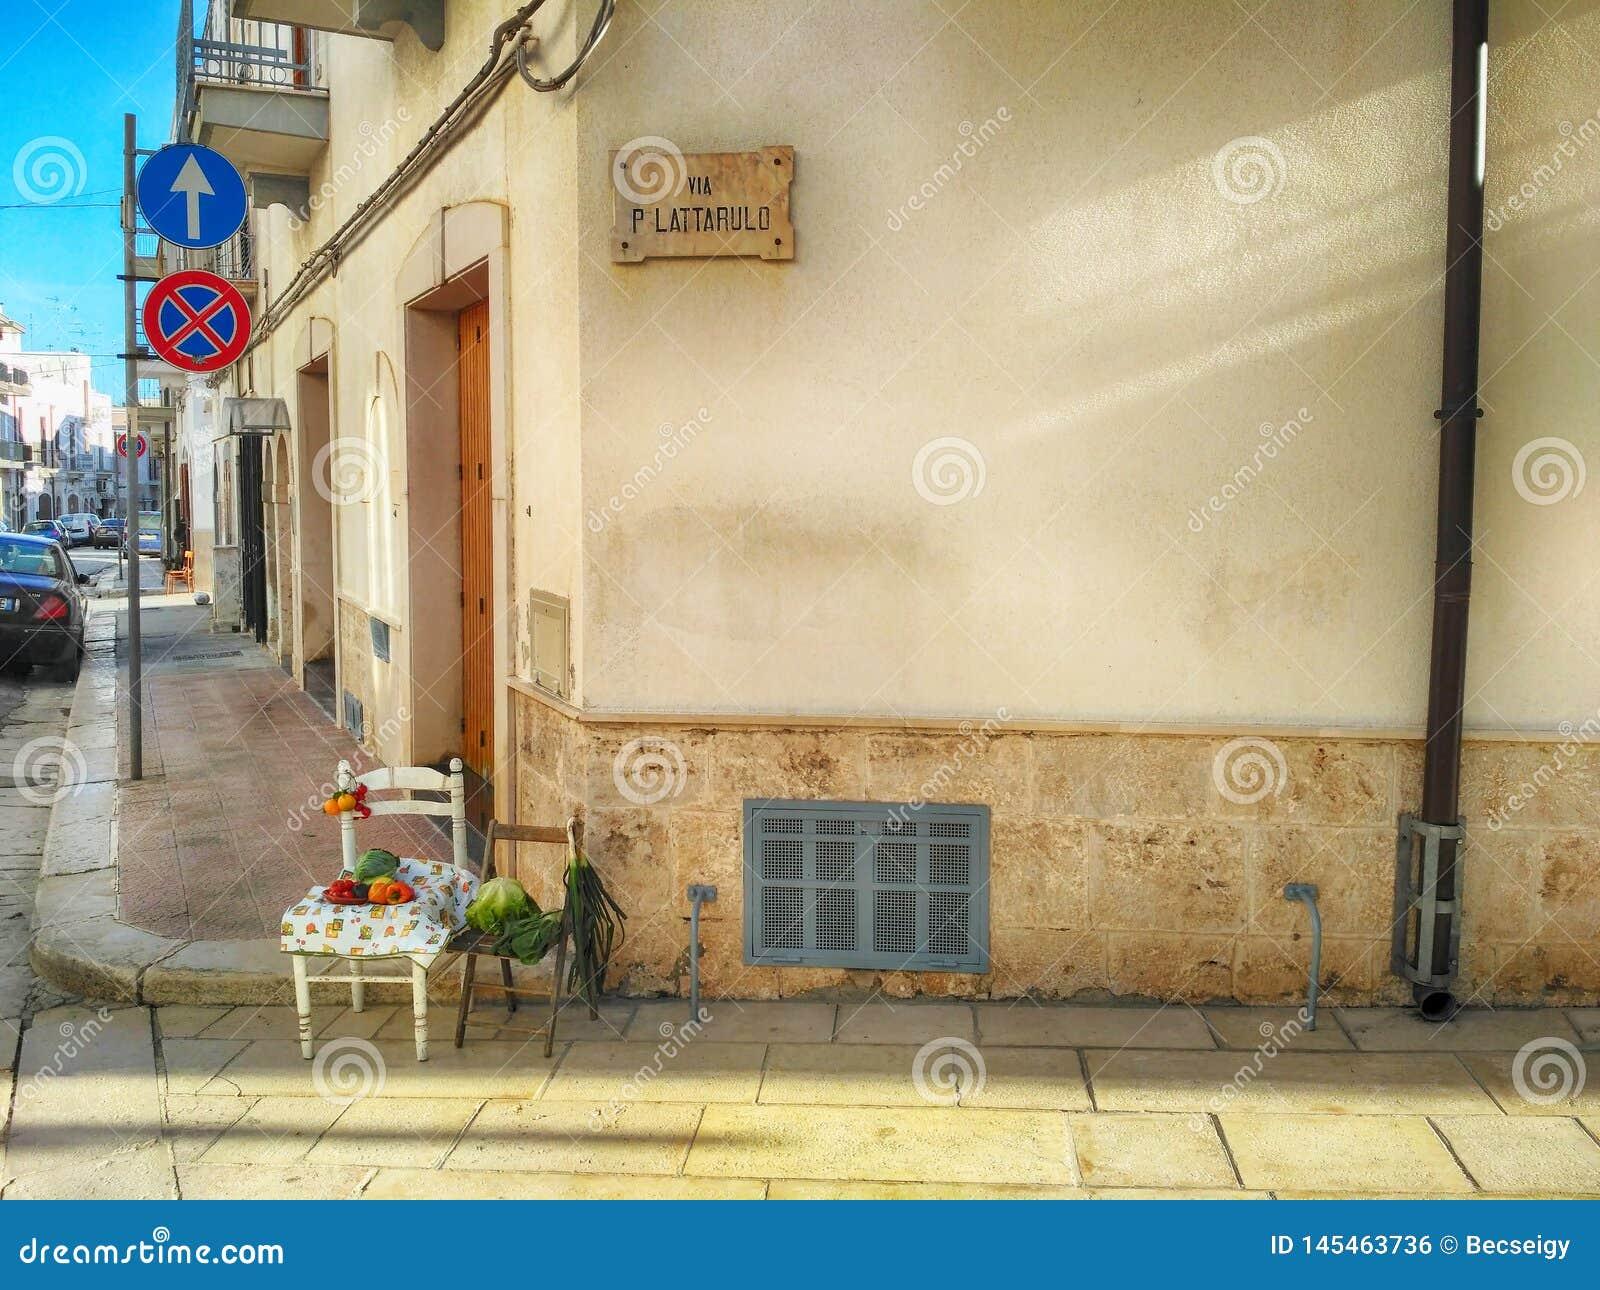 Still life in South Italy